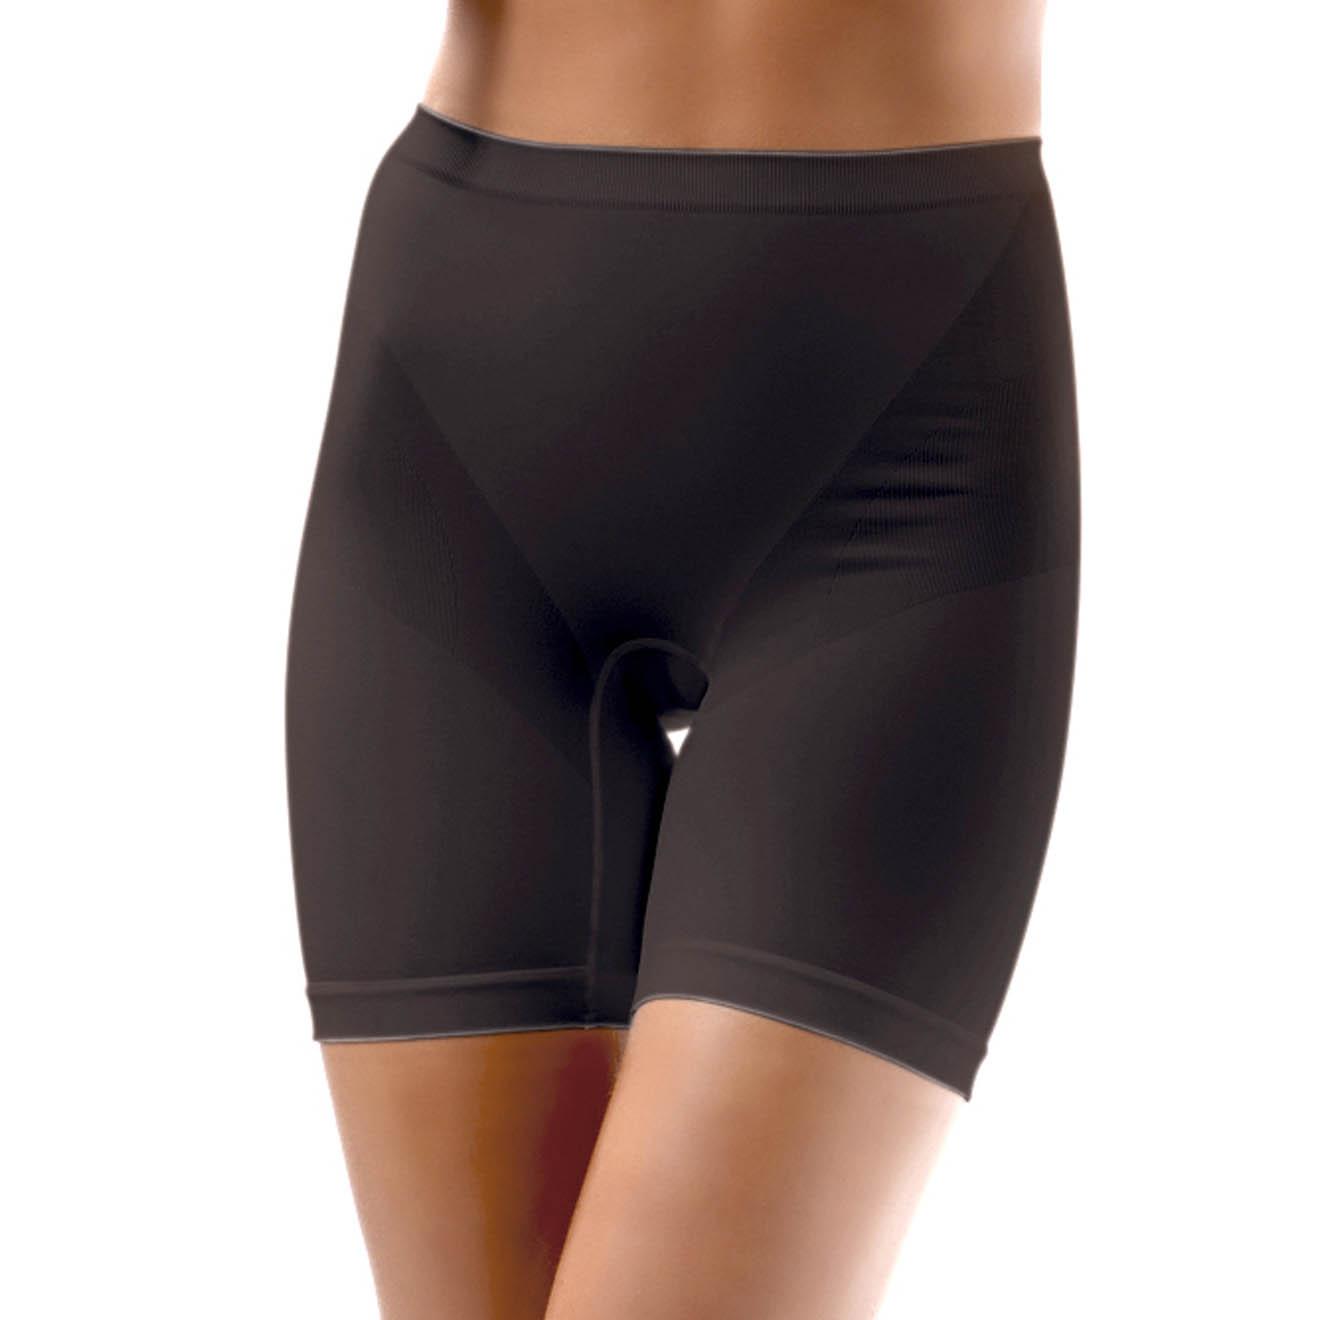 Panty Compression Moyenne noir